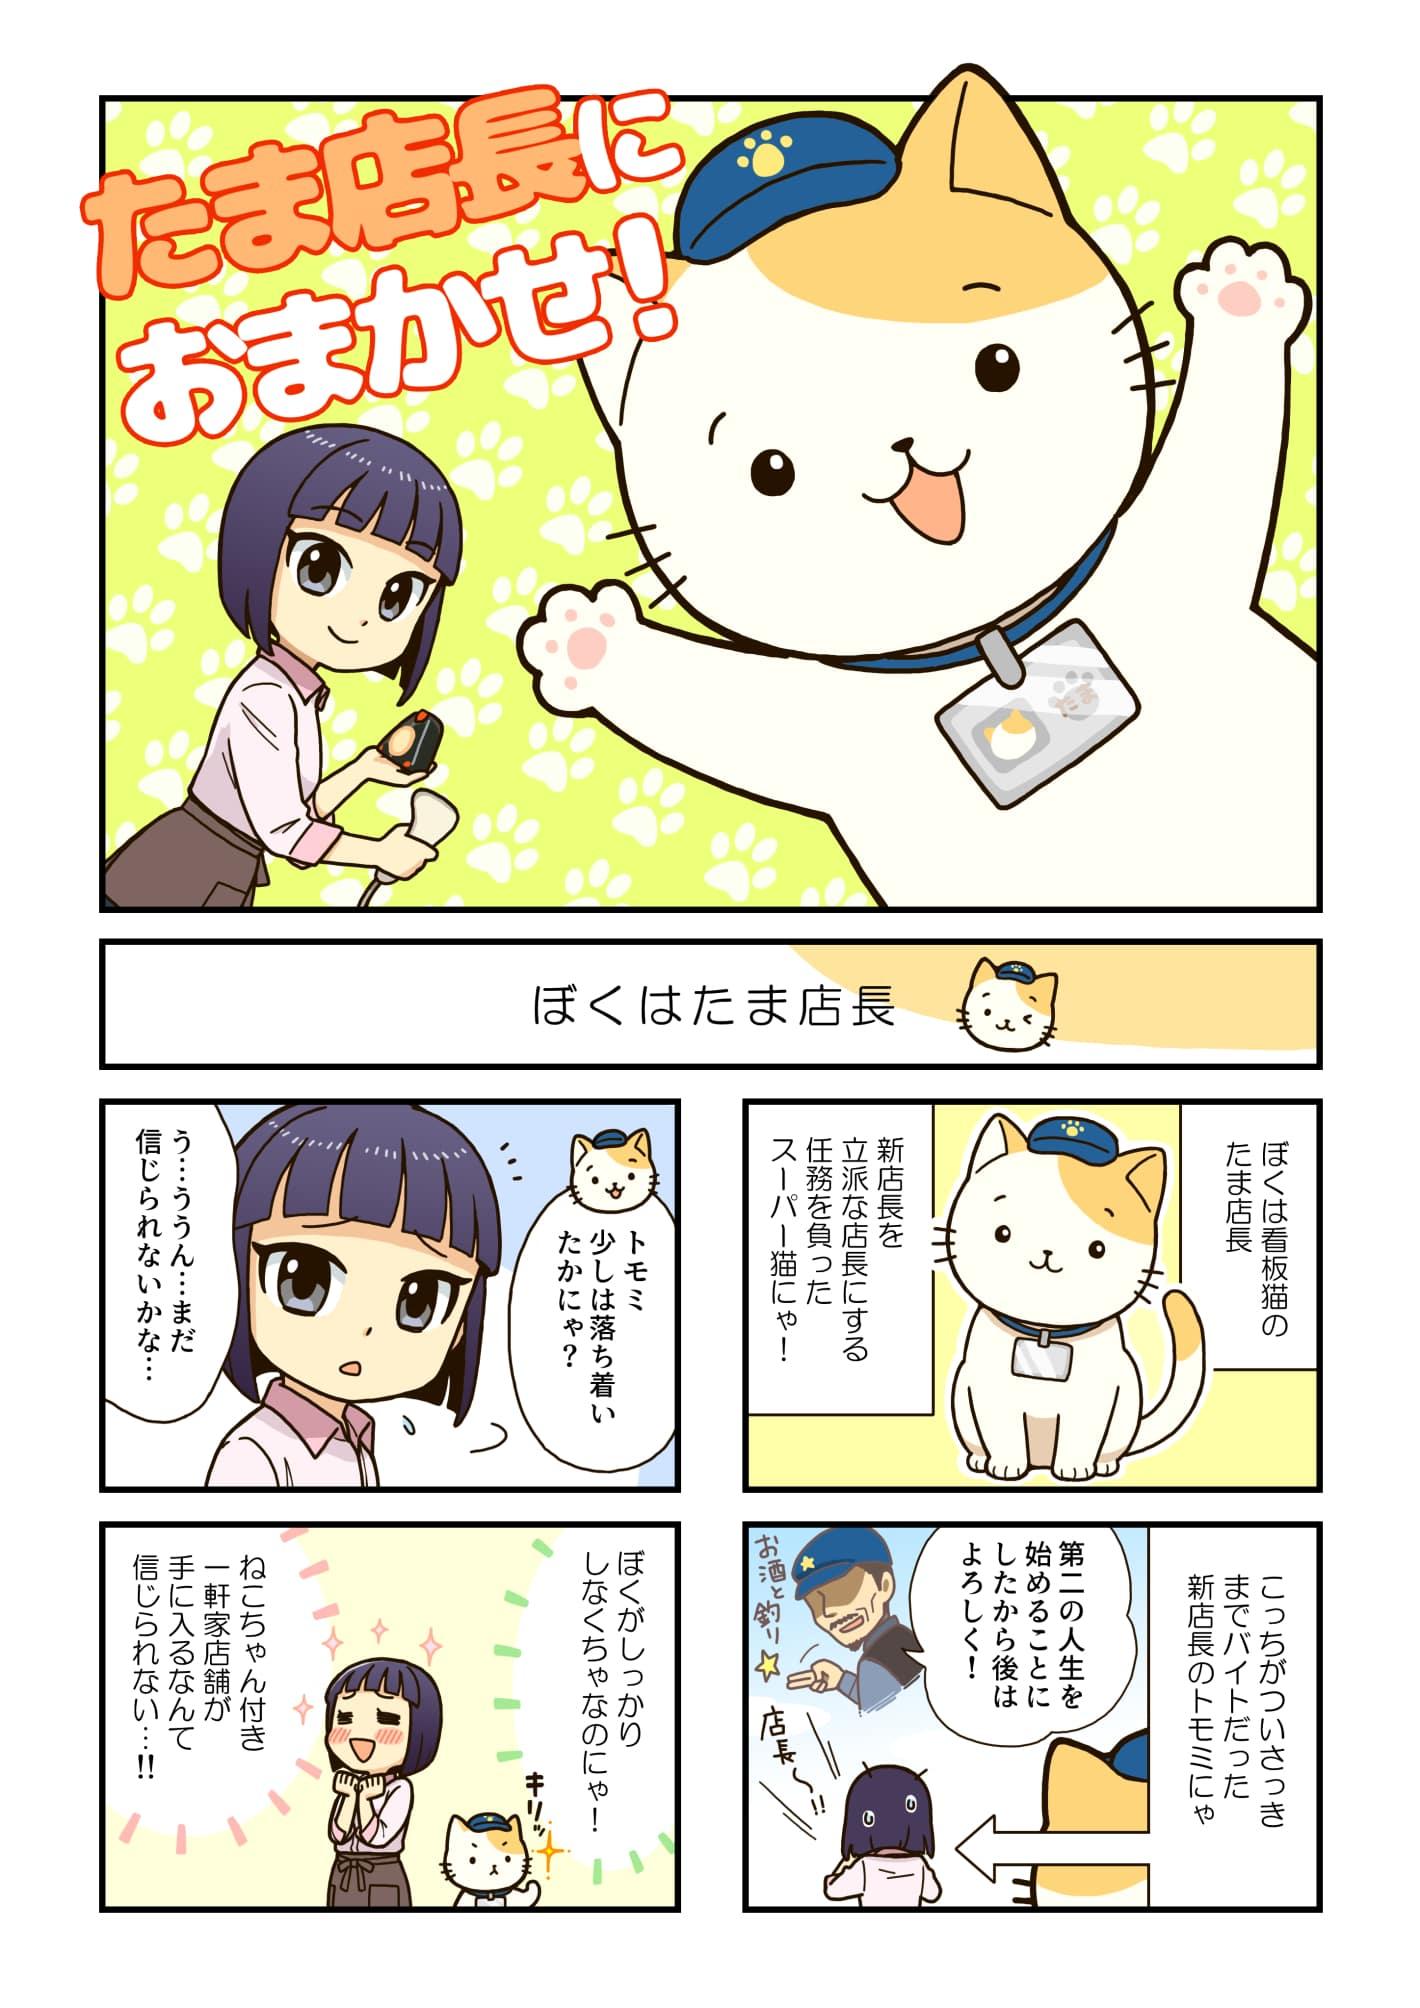 ゲームチュートリアル漫画『たま店長にお任せ』掲載サンプル1